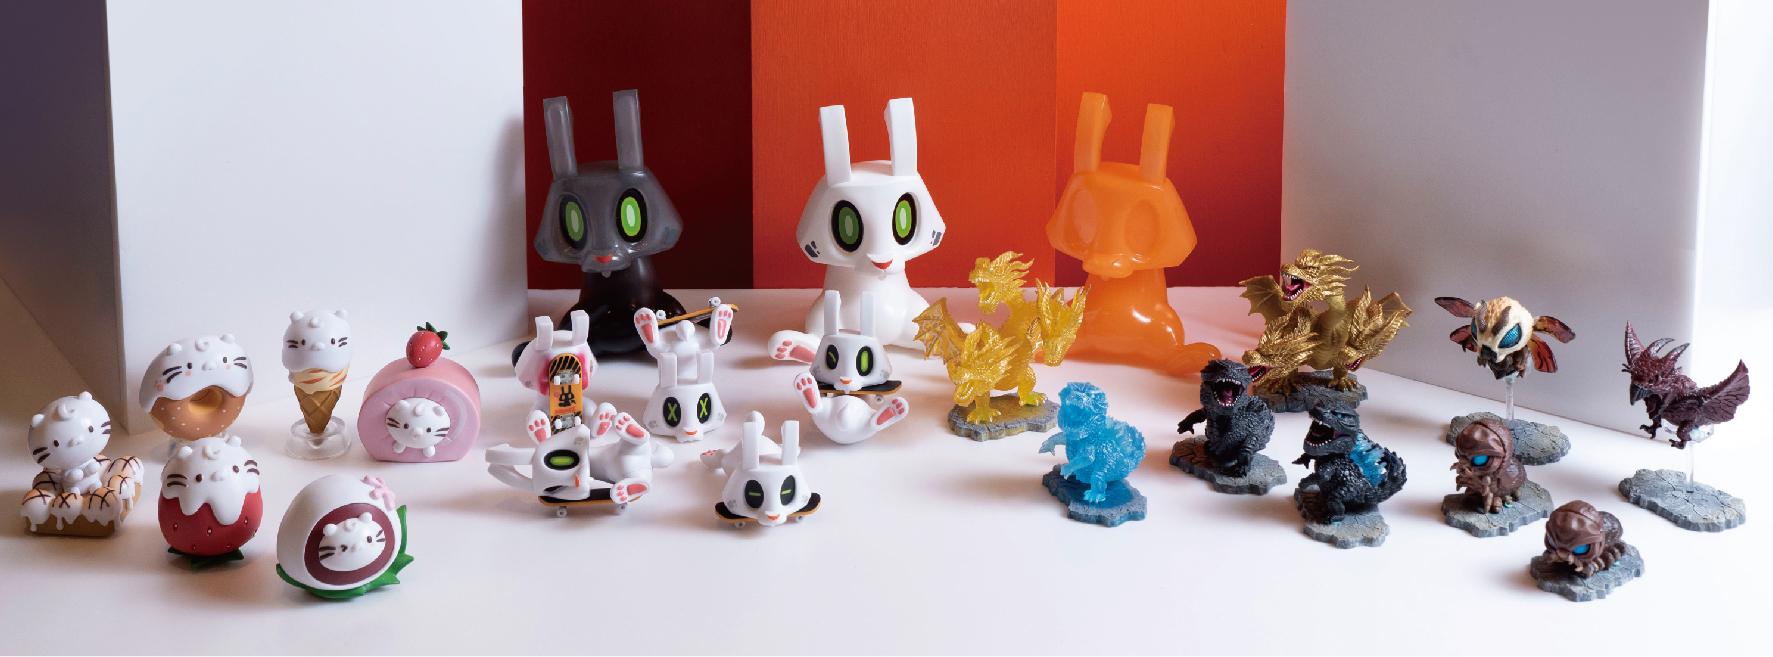 ●設計師商品 - HobbyToy 哈玩具